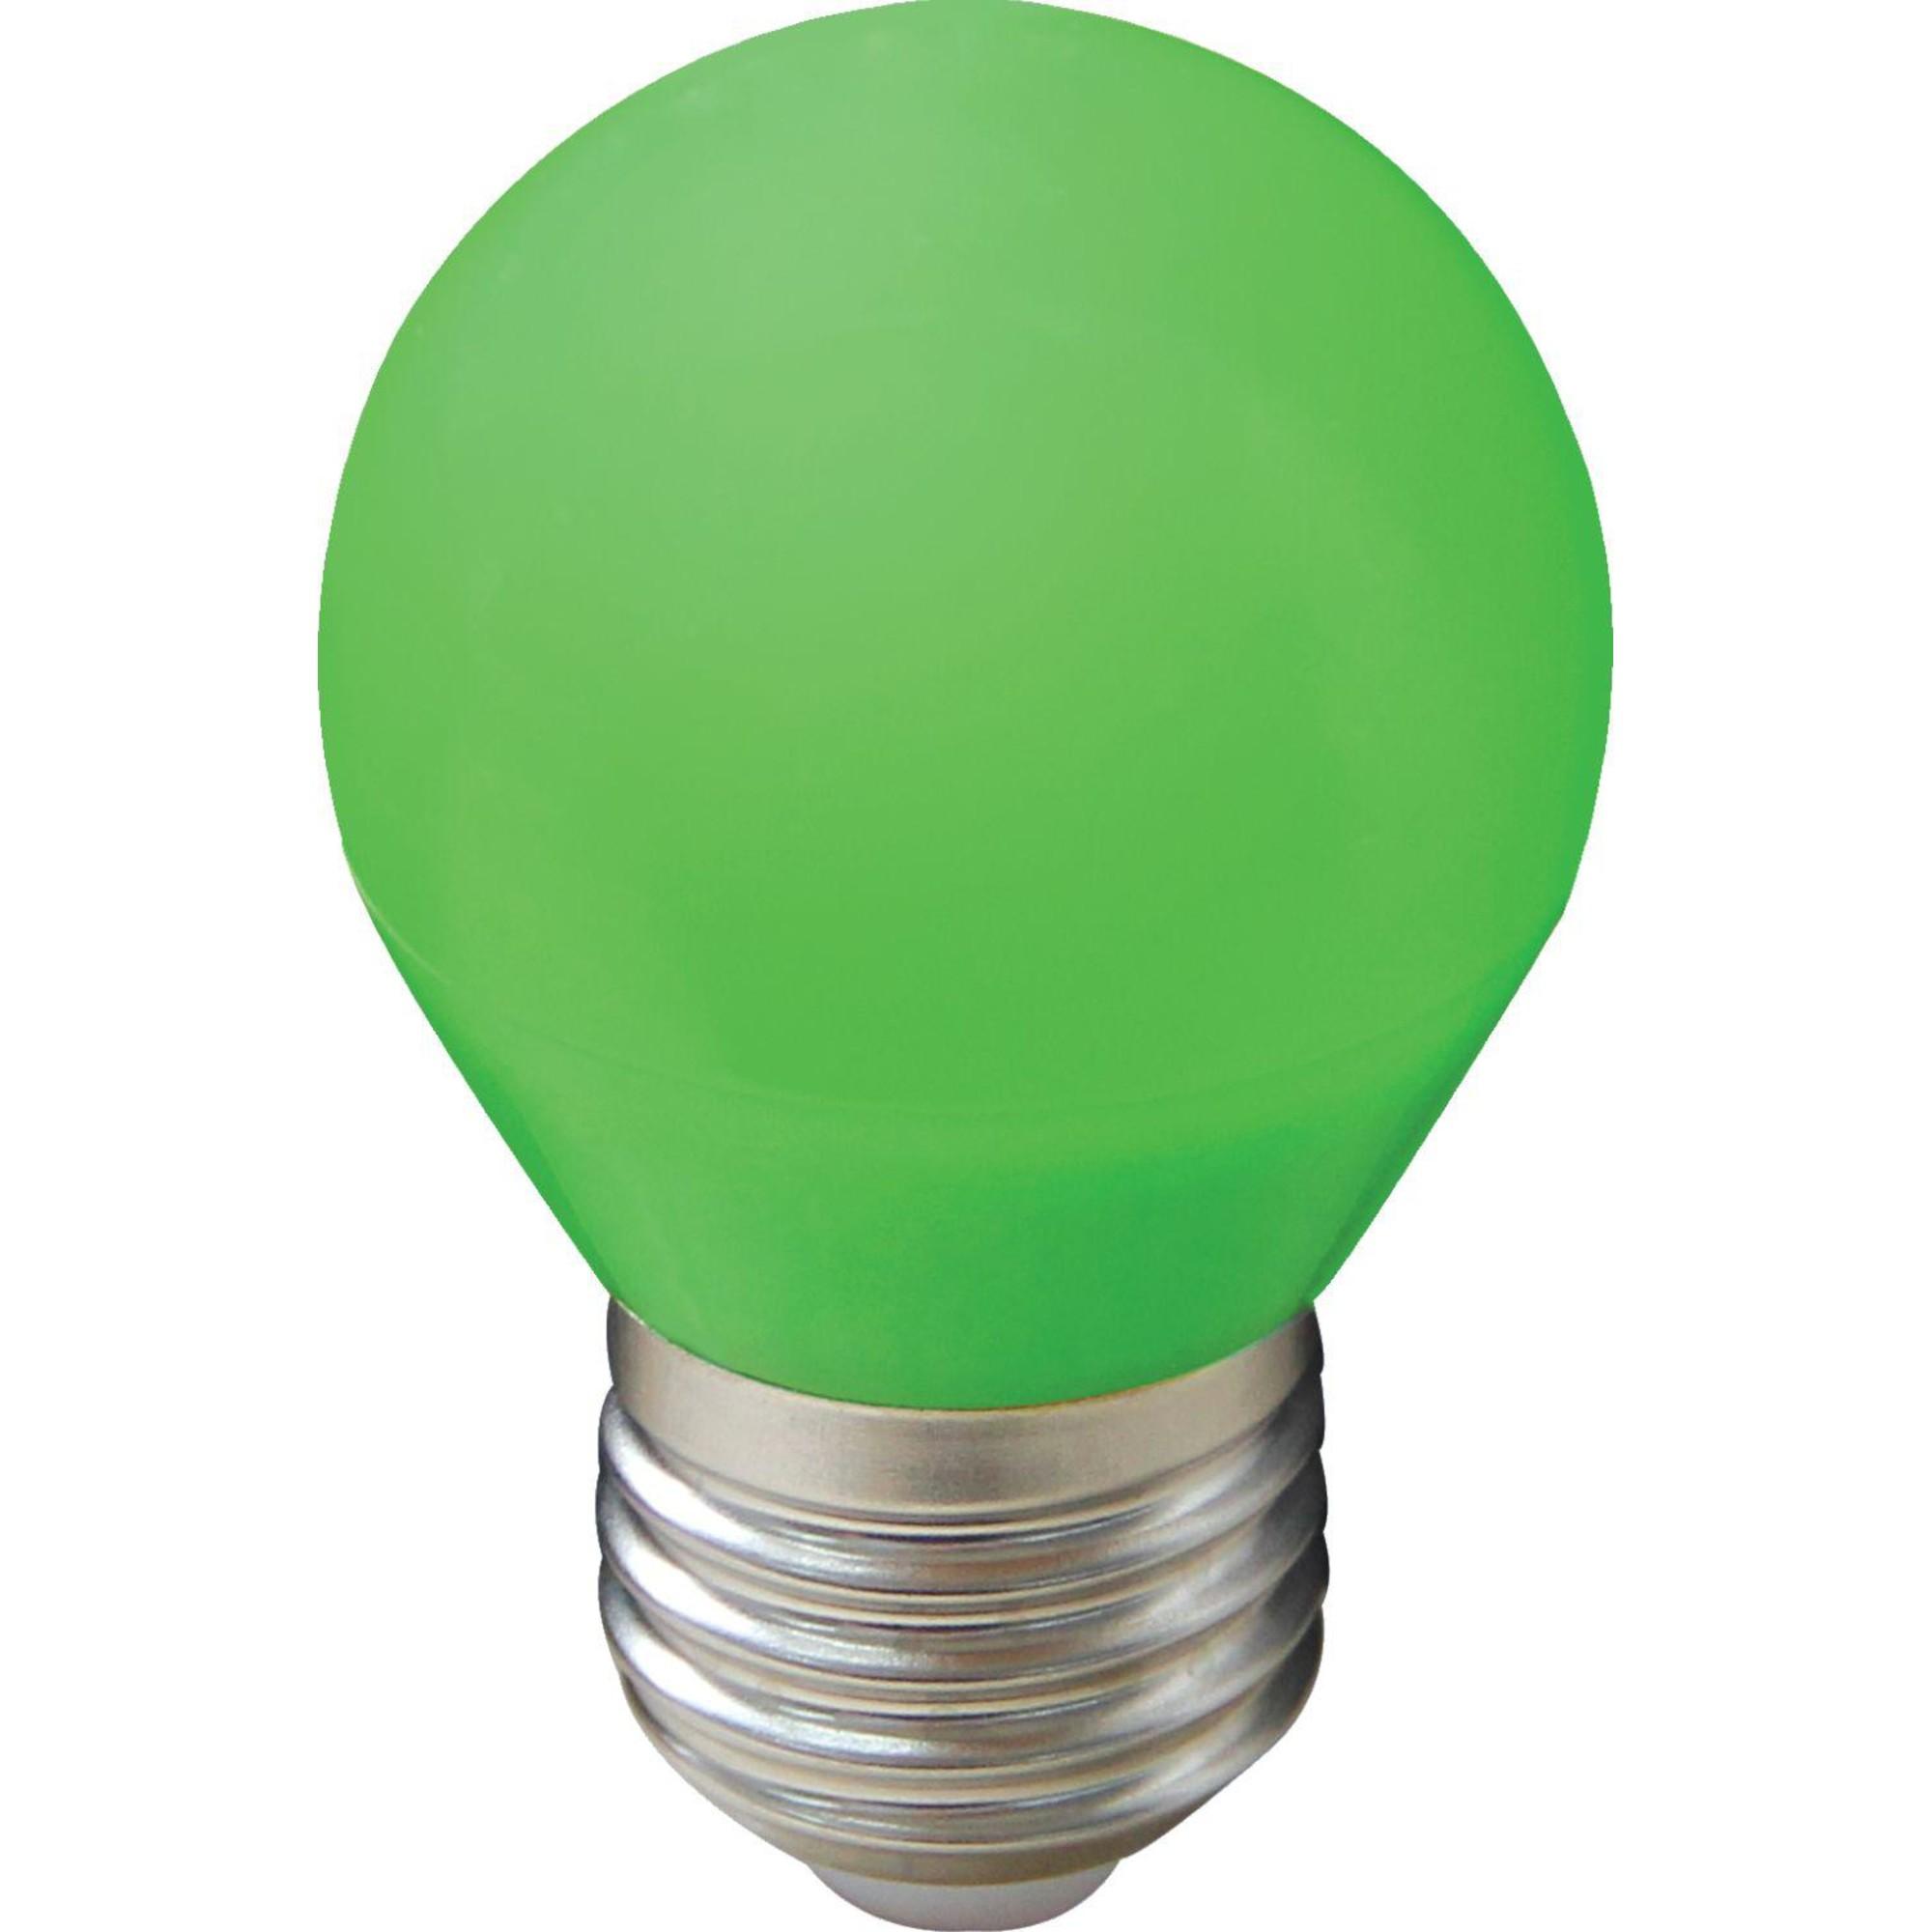 Лампа Ecola стандарт светодионая E27 5 Вт шар Лм нейтральный свет